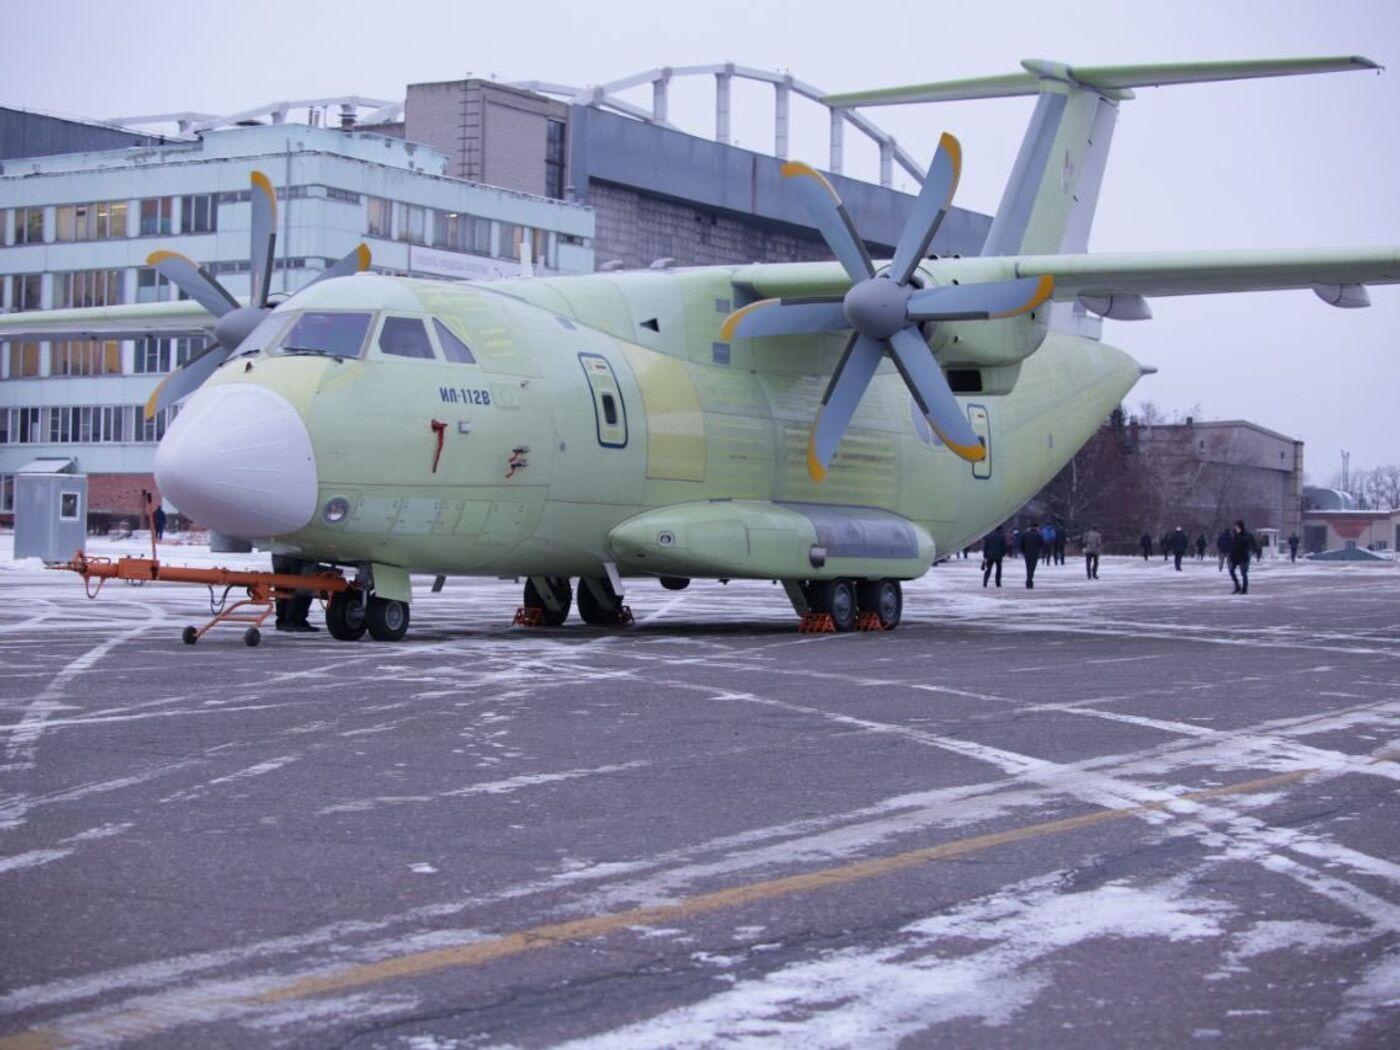 Обои АНТК имени О. К. Антонова, ввс россии, советский военно-транспортный самолёт, Ан-12бк. Авиация foto 13